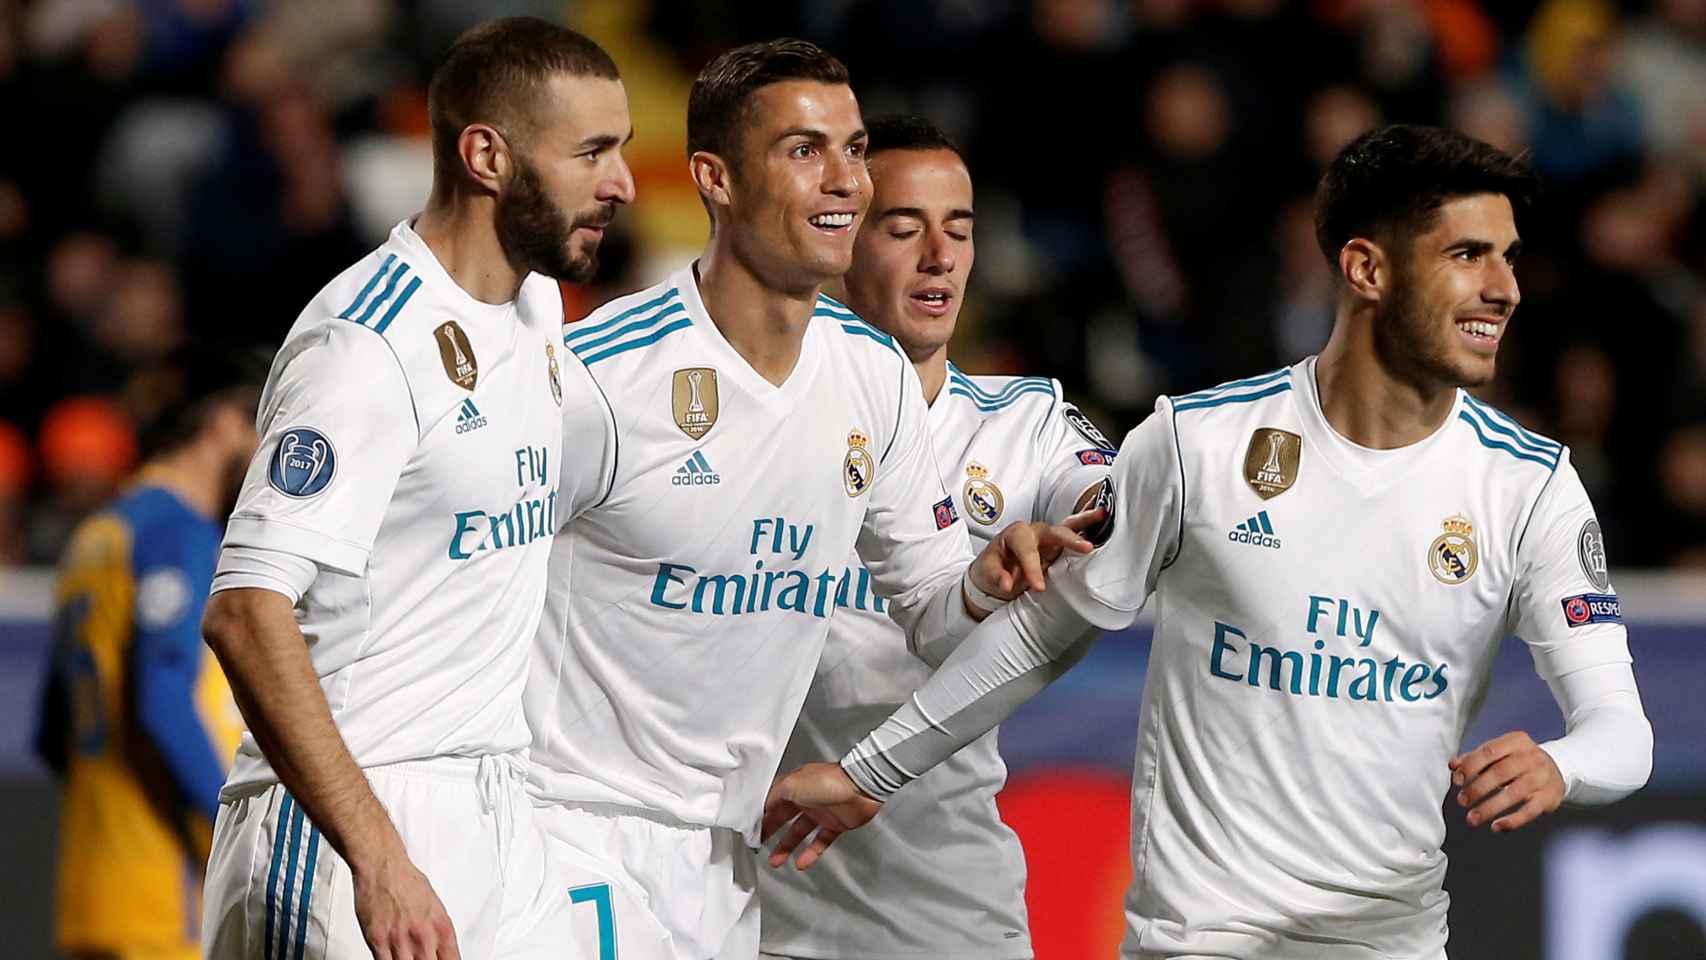 Benzema y Cristiano Ronaldo celebran sus respectivos goles.